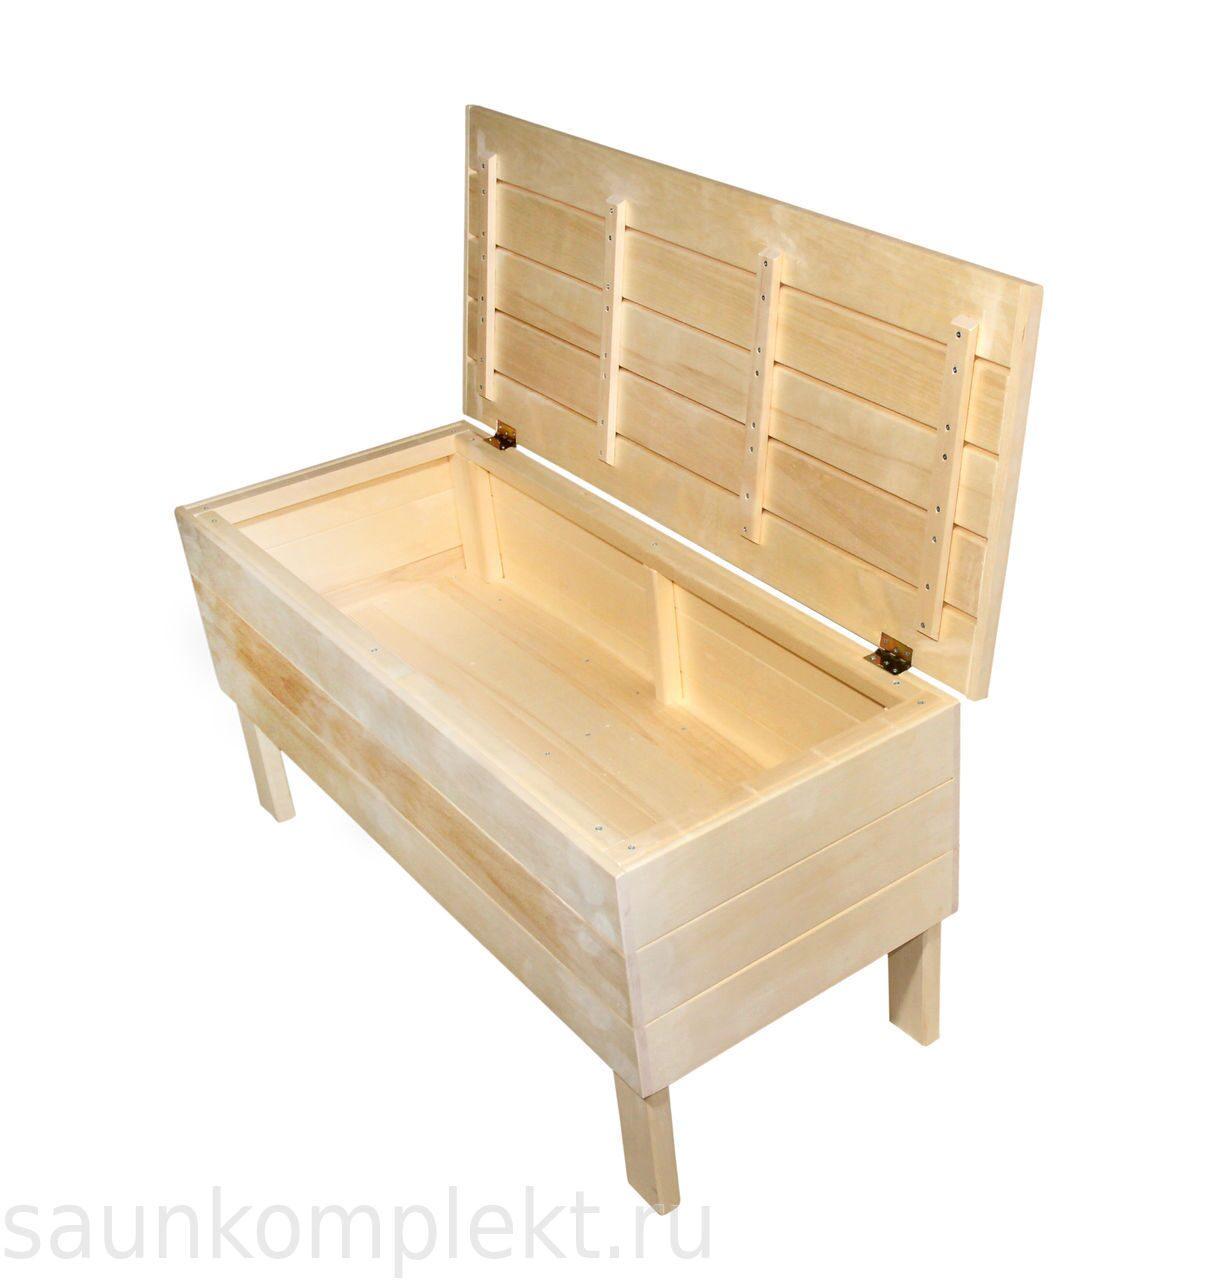 Скамейка для кухни с ящиком своими руками 67